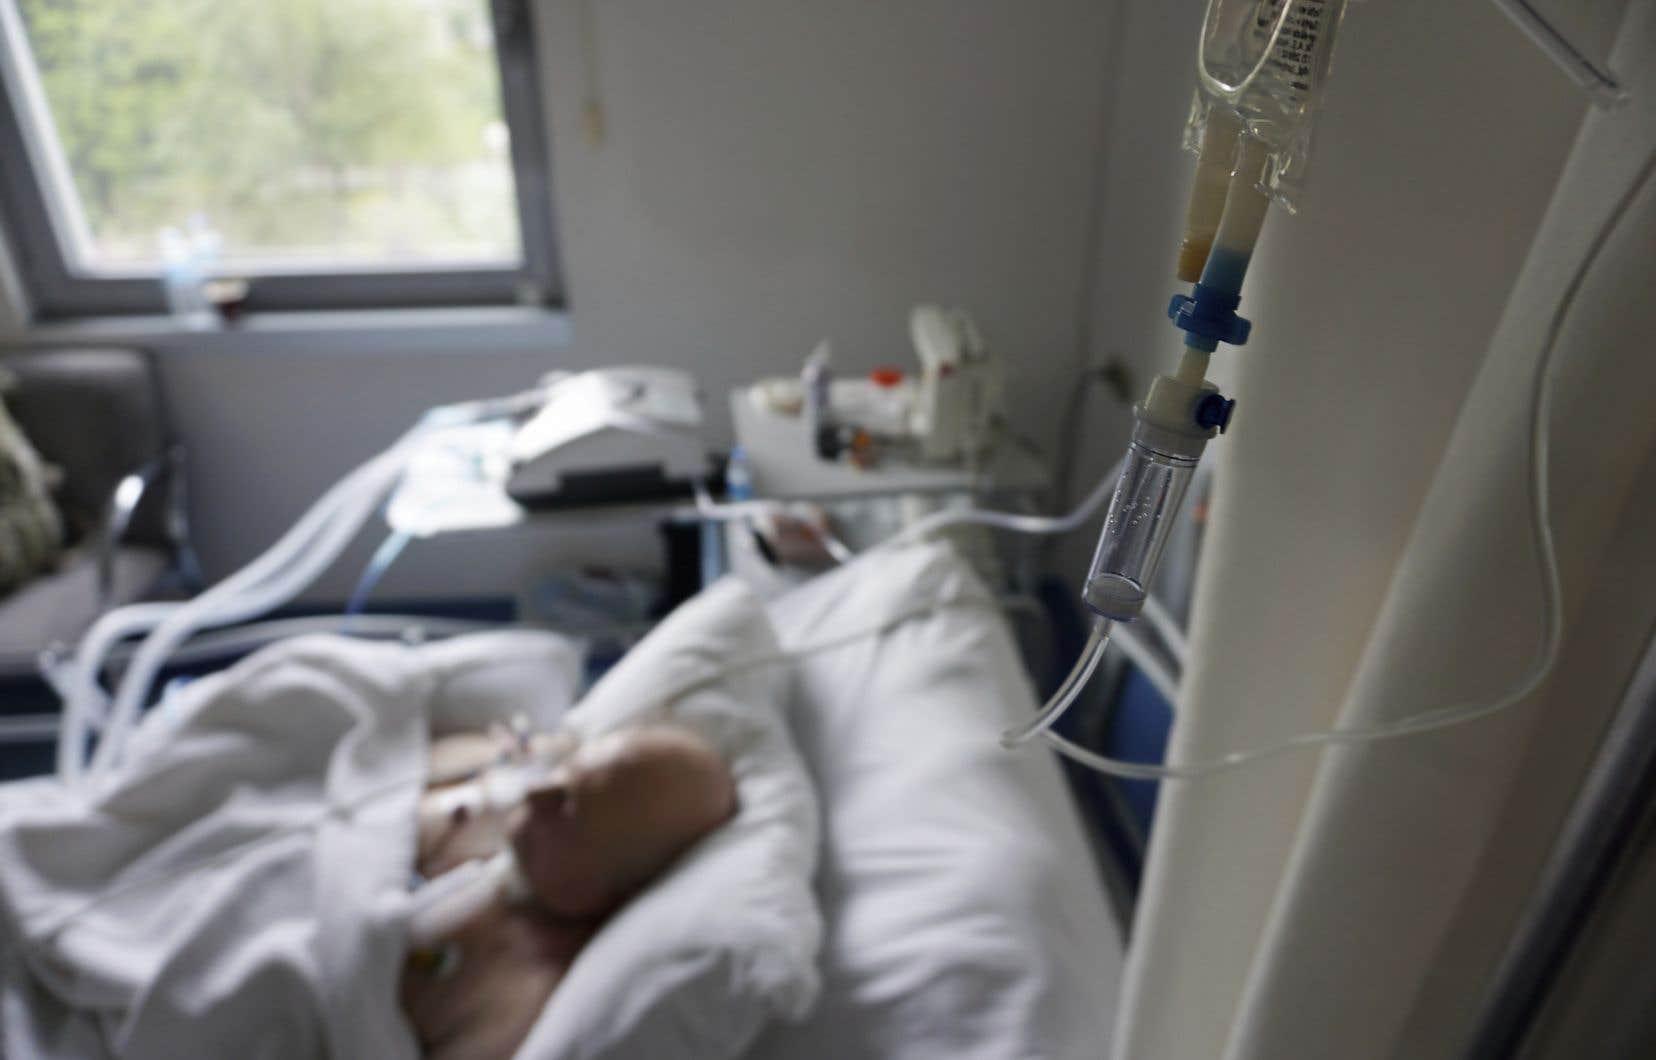 Les motifs généraux énumérés ne permettent pas de décoder les raisons précises qui expliquent que l'aide à mourir demandée par 377 personnes n'a pu être reçue.